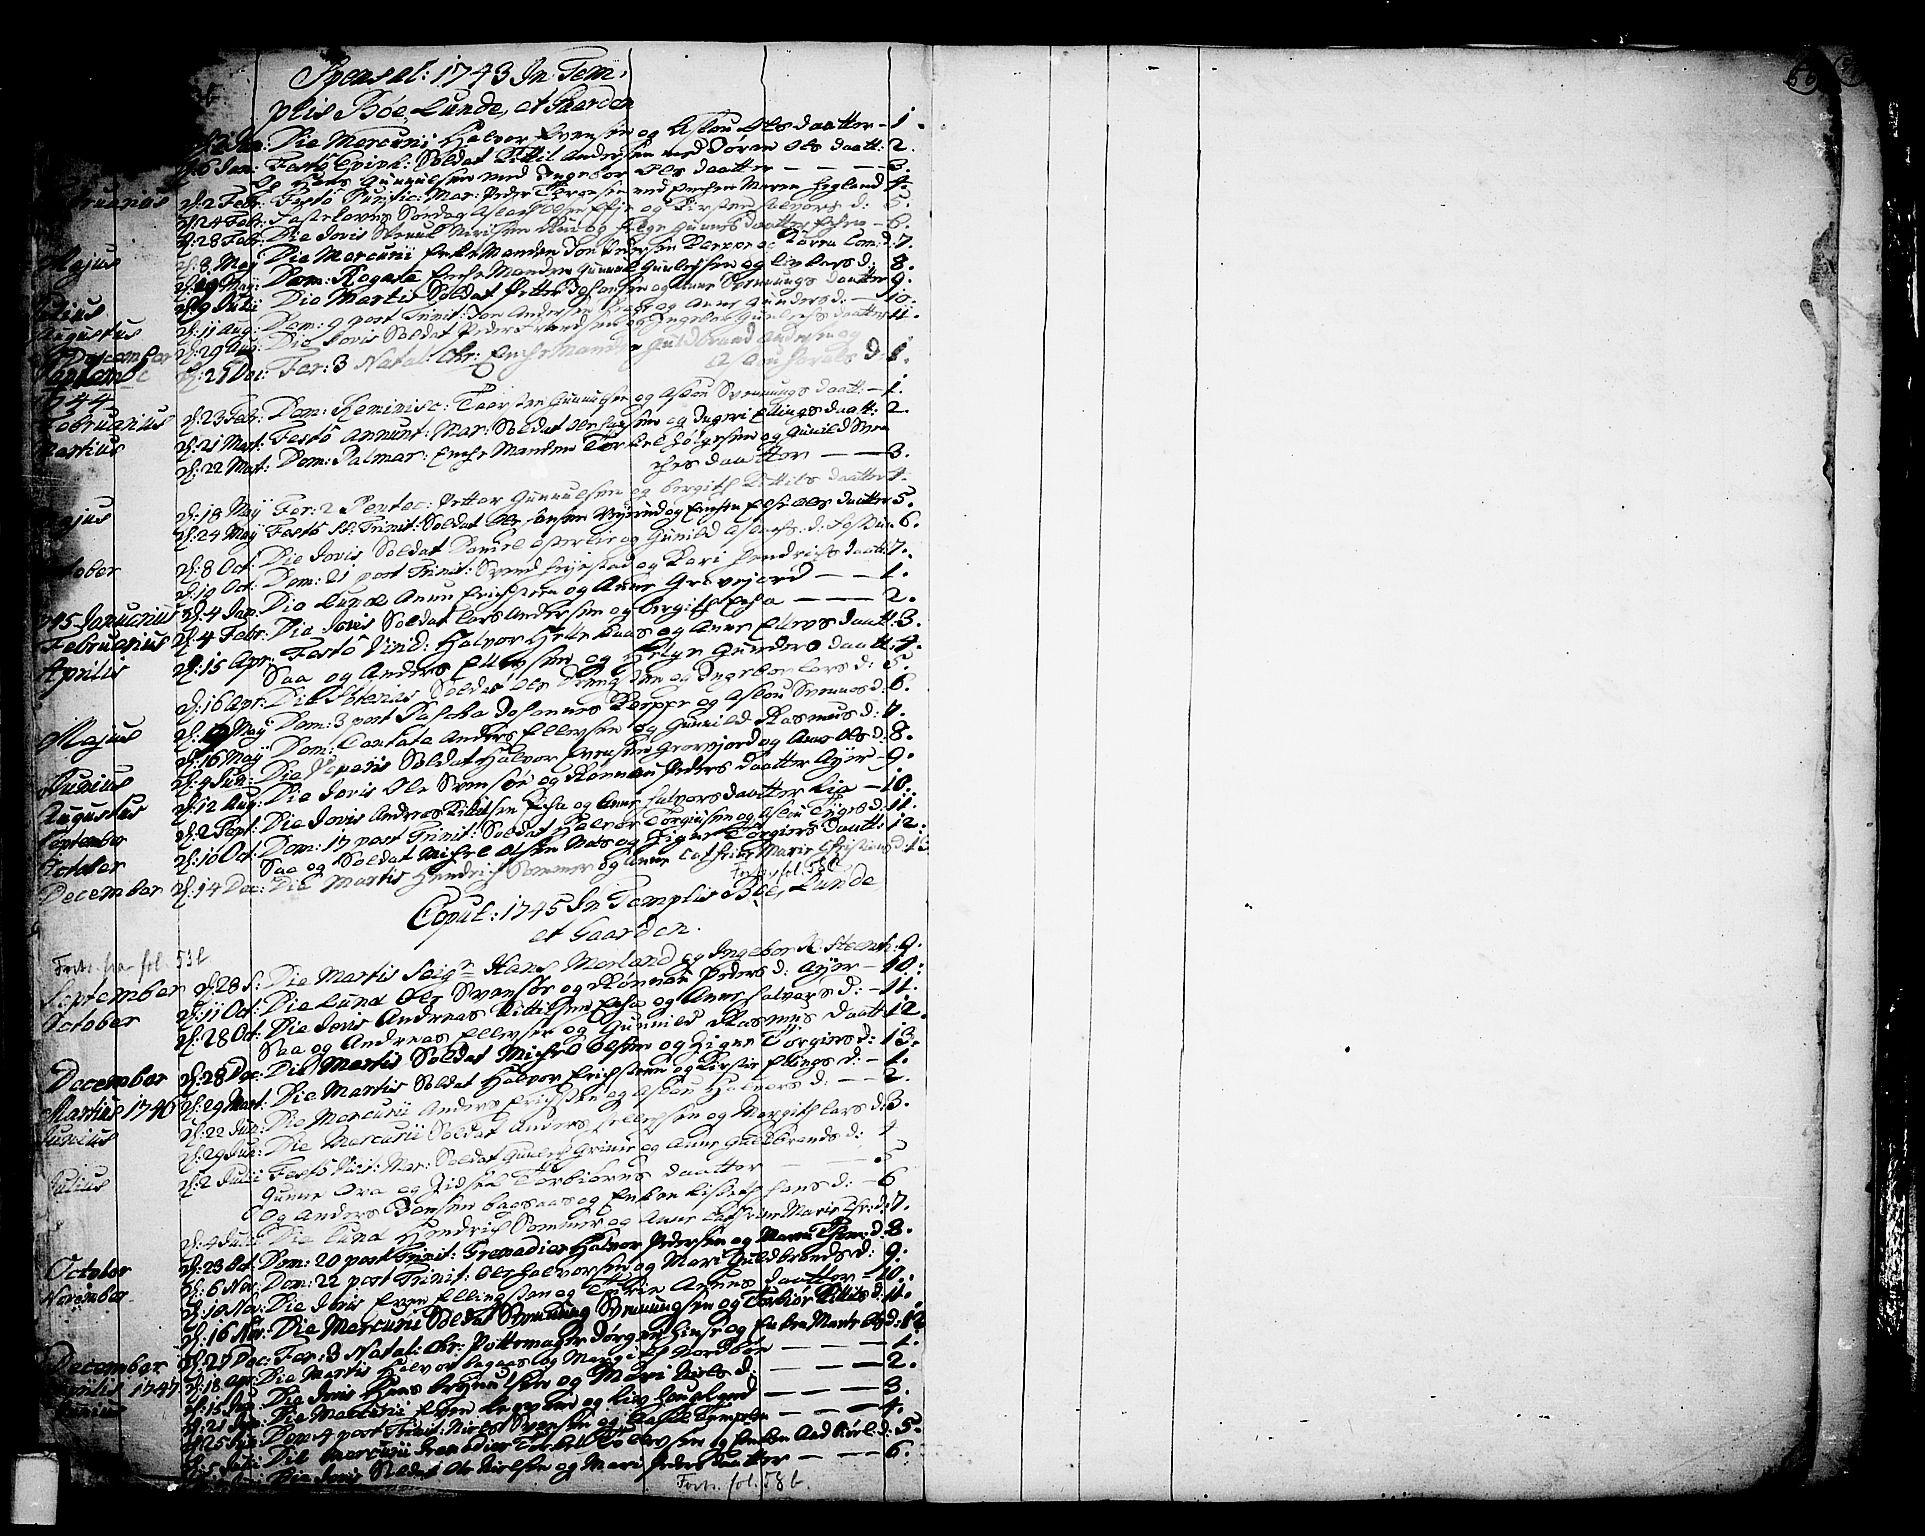 SAKO, Bø kirkebøker, F/Fa/L0003: Ministerialbok nr. 3, 1733-1748, s. 56